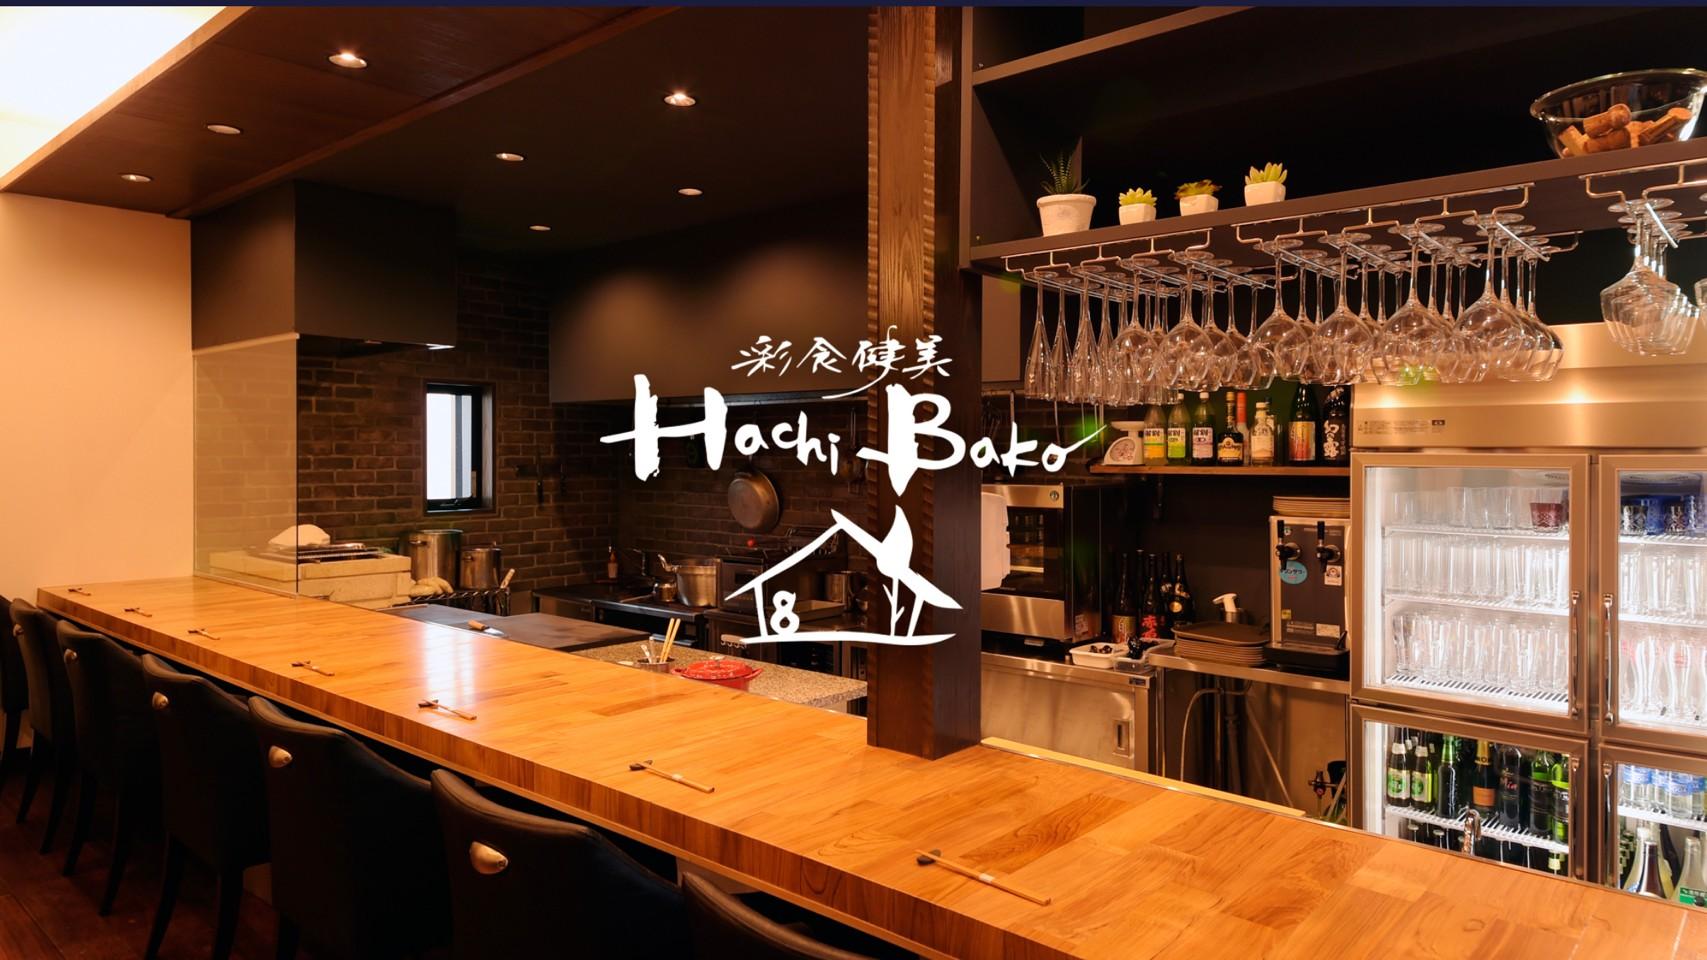 彩食健美 Hachi Bako